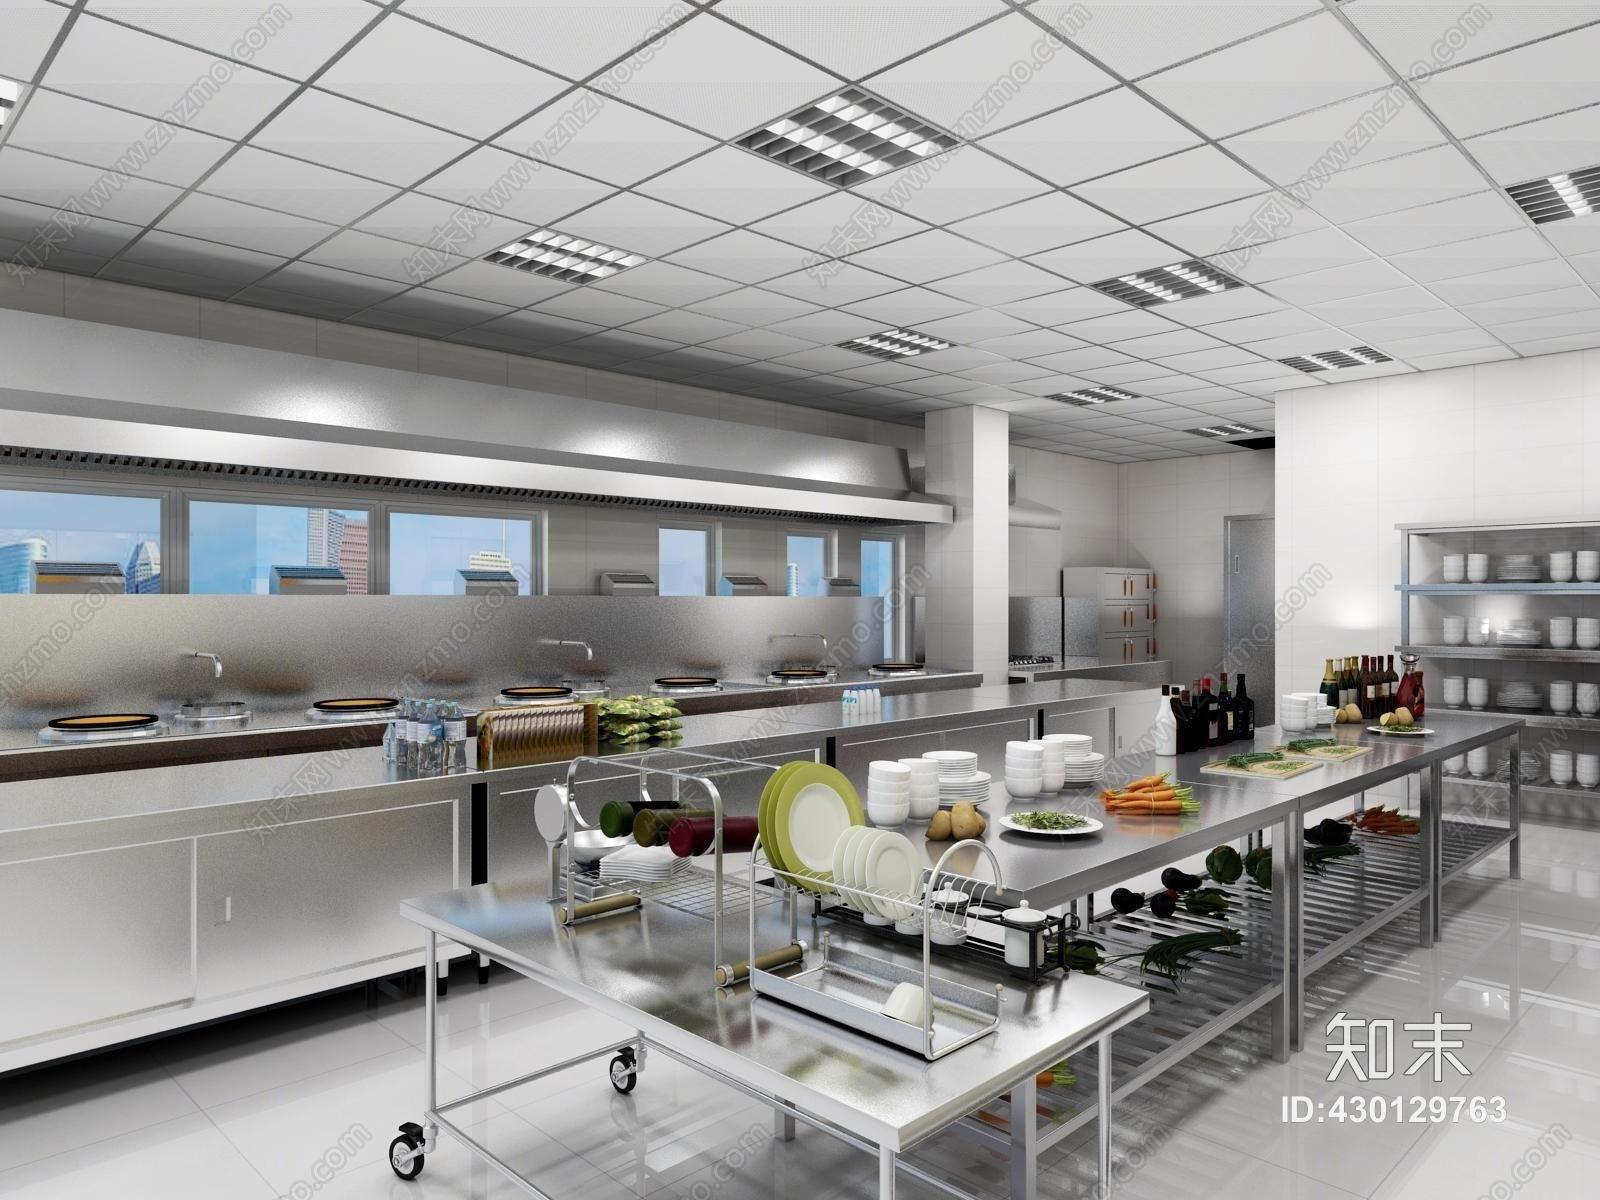 后厨高清下载_现代酒店中央厨房后厨3D模型下载【ID:430129763】_知末3d模型网